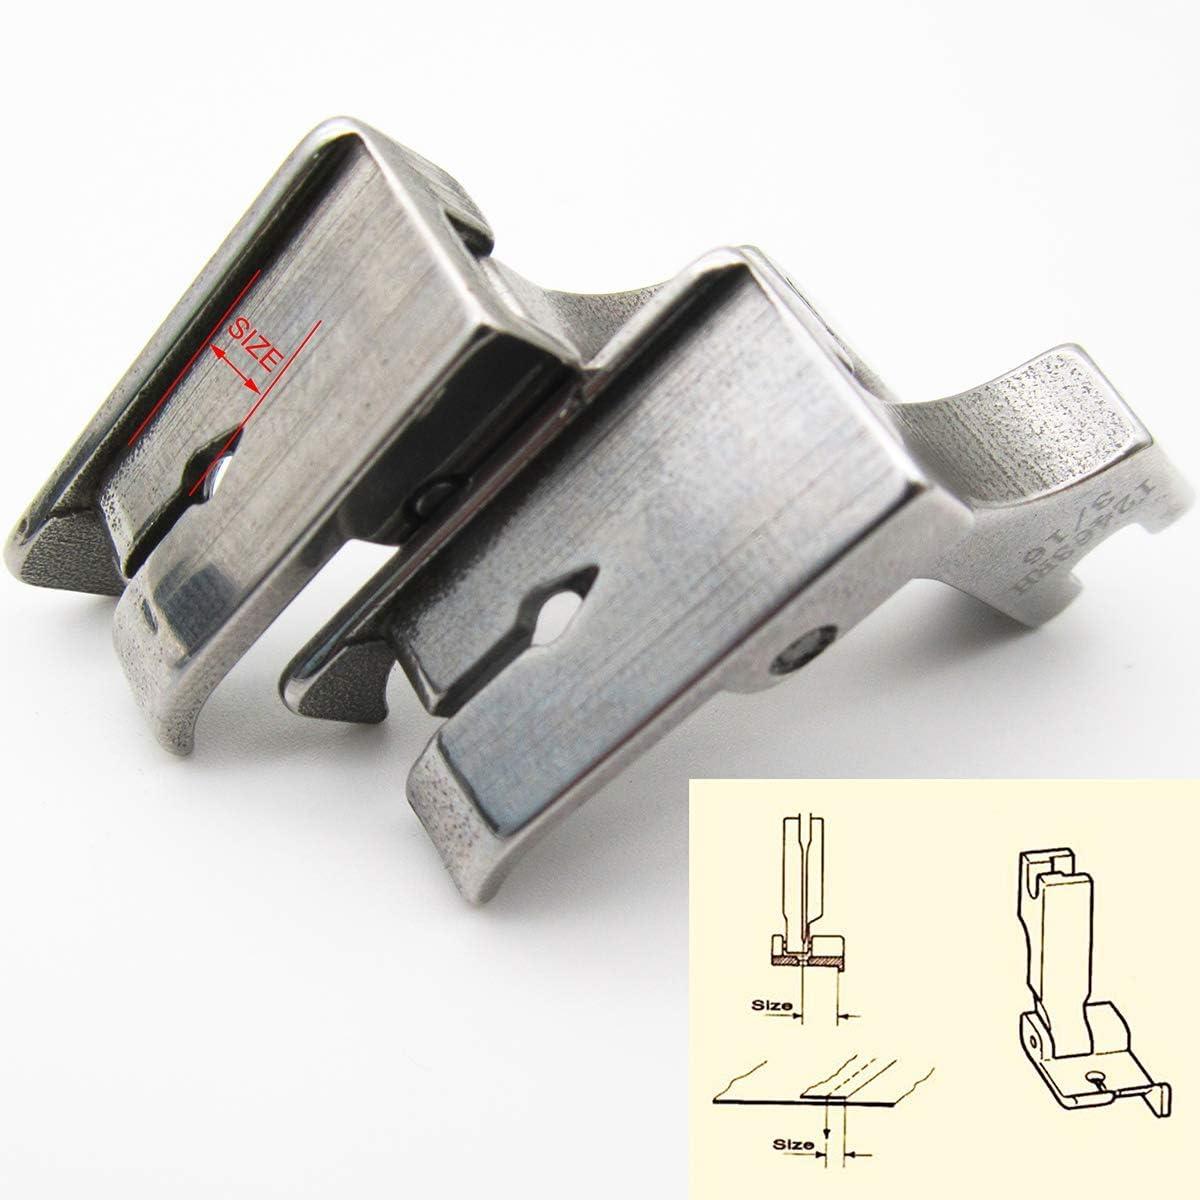 CKPSMS Brand # 12463HR Piedino per sollevamento destro con guida per punto superiore per macchine da cucire industriali ad ago singolo 1//2